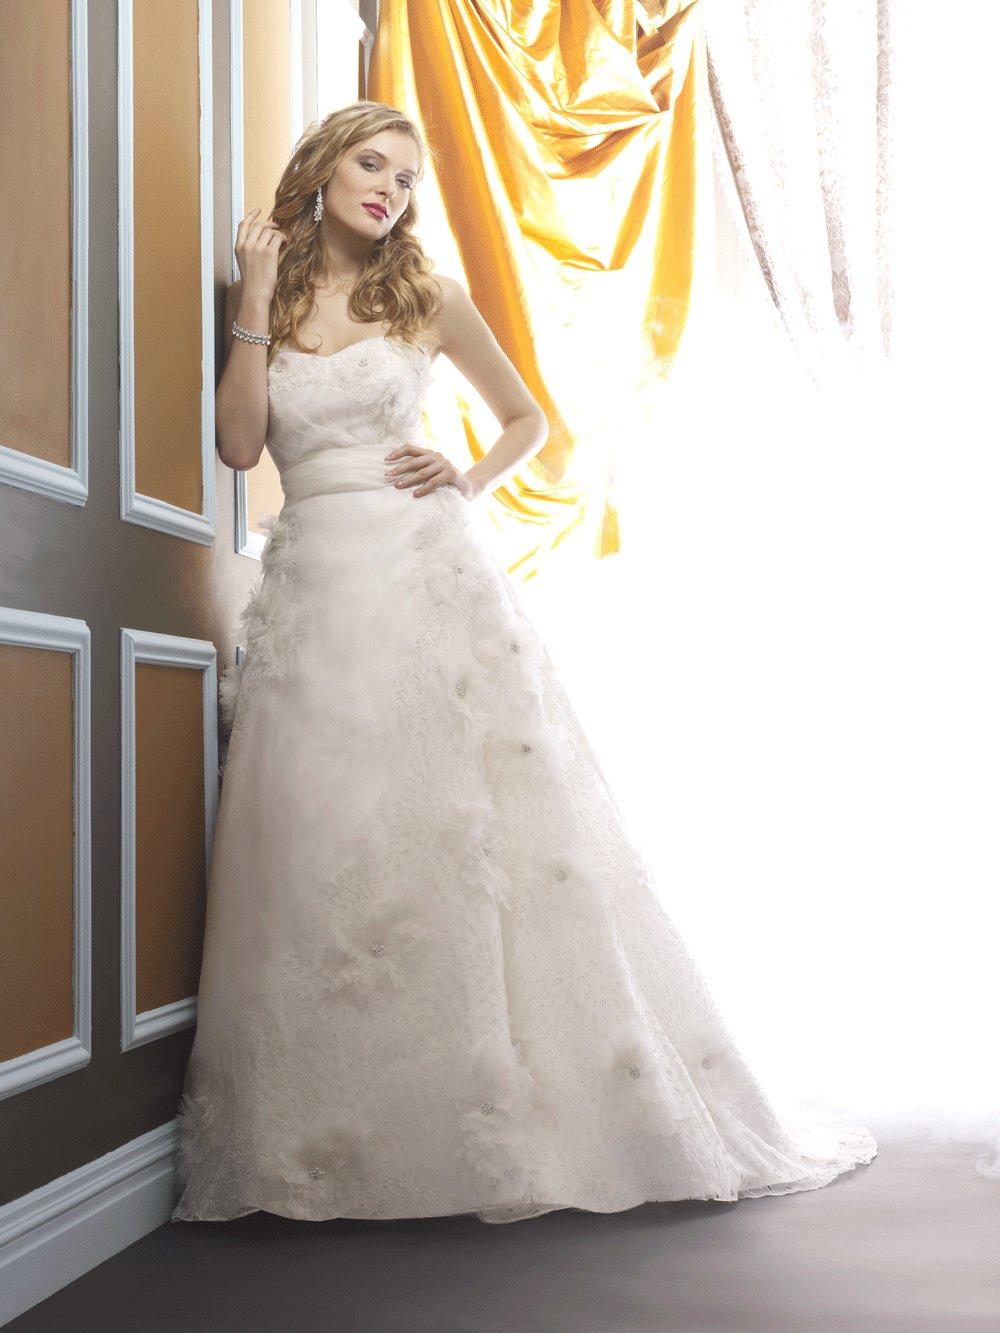 Wedding-dress-by-birnbaum-and-bullock-2013-bridal-tatiana.full